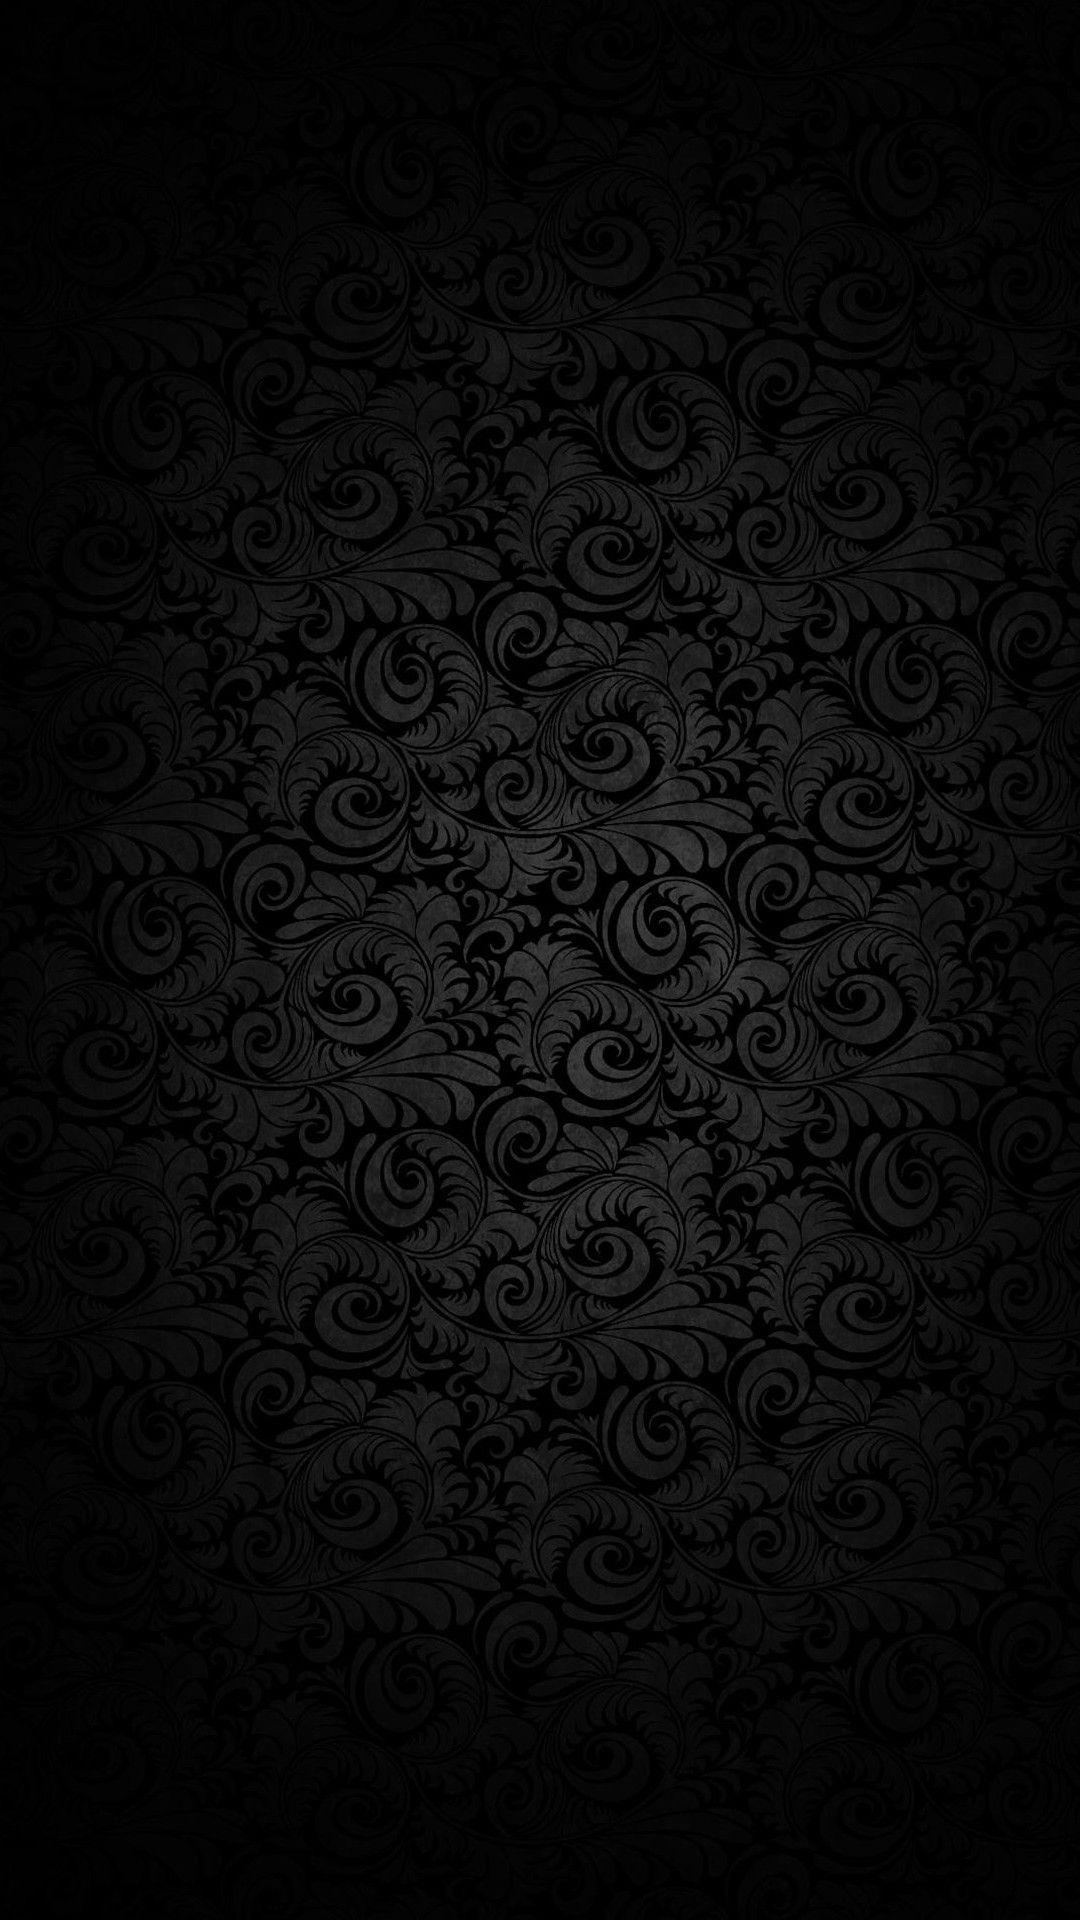 人気23位 ブラック Iphone8 スマホ壁紙 待受画像ギャラリー ゴシック壁紙 黒の壁紙 黒の壁紙iphone